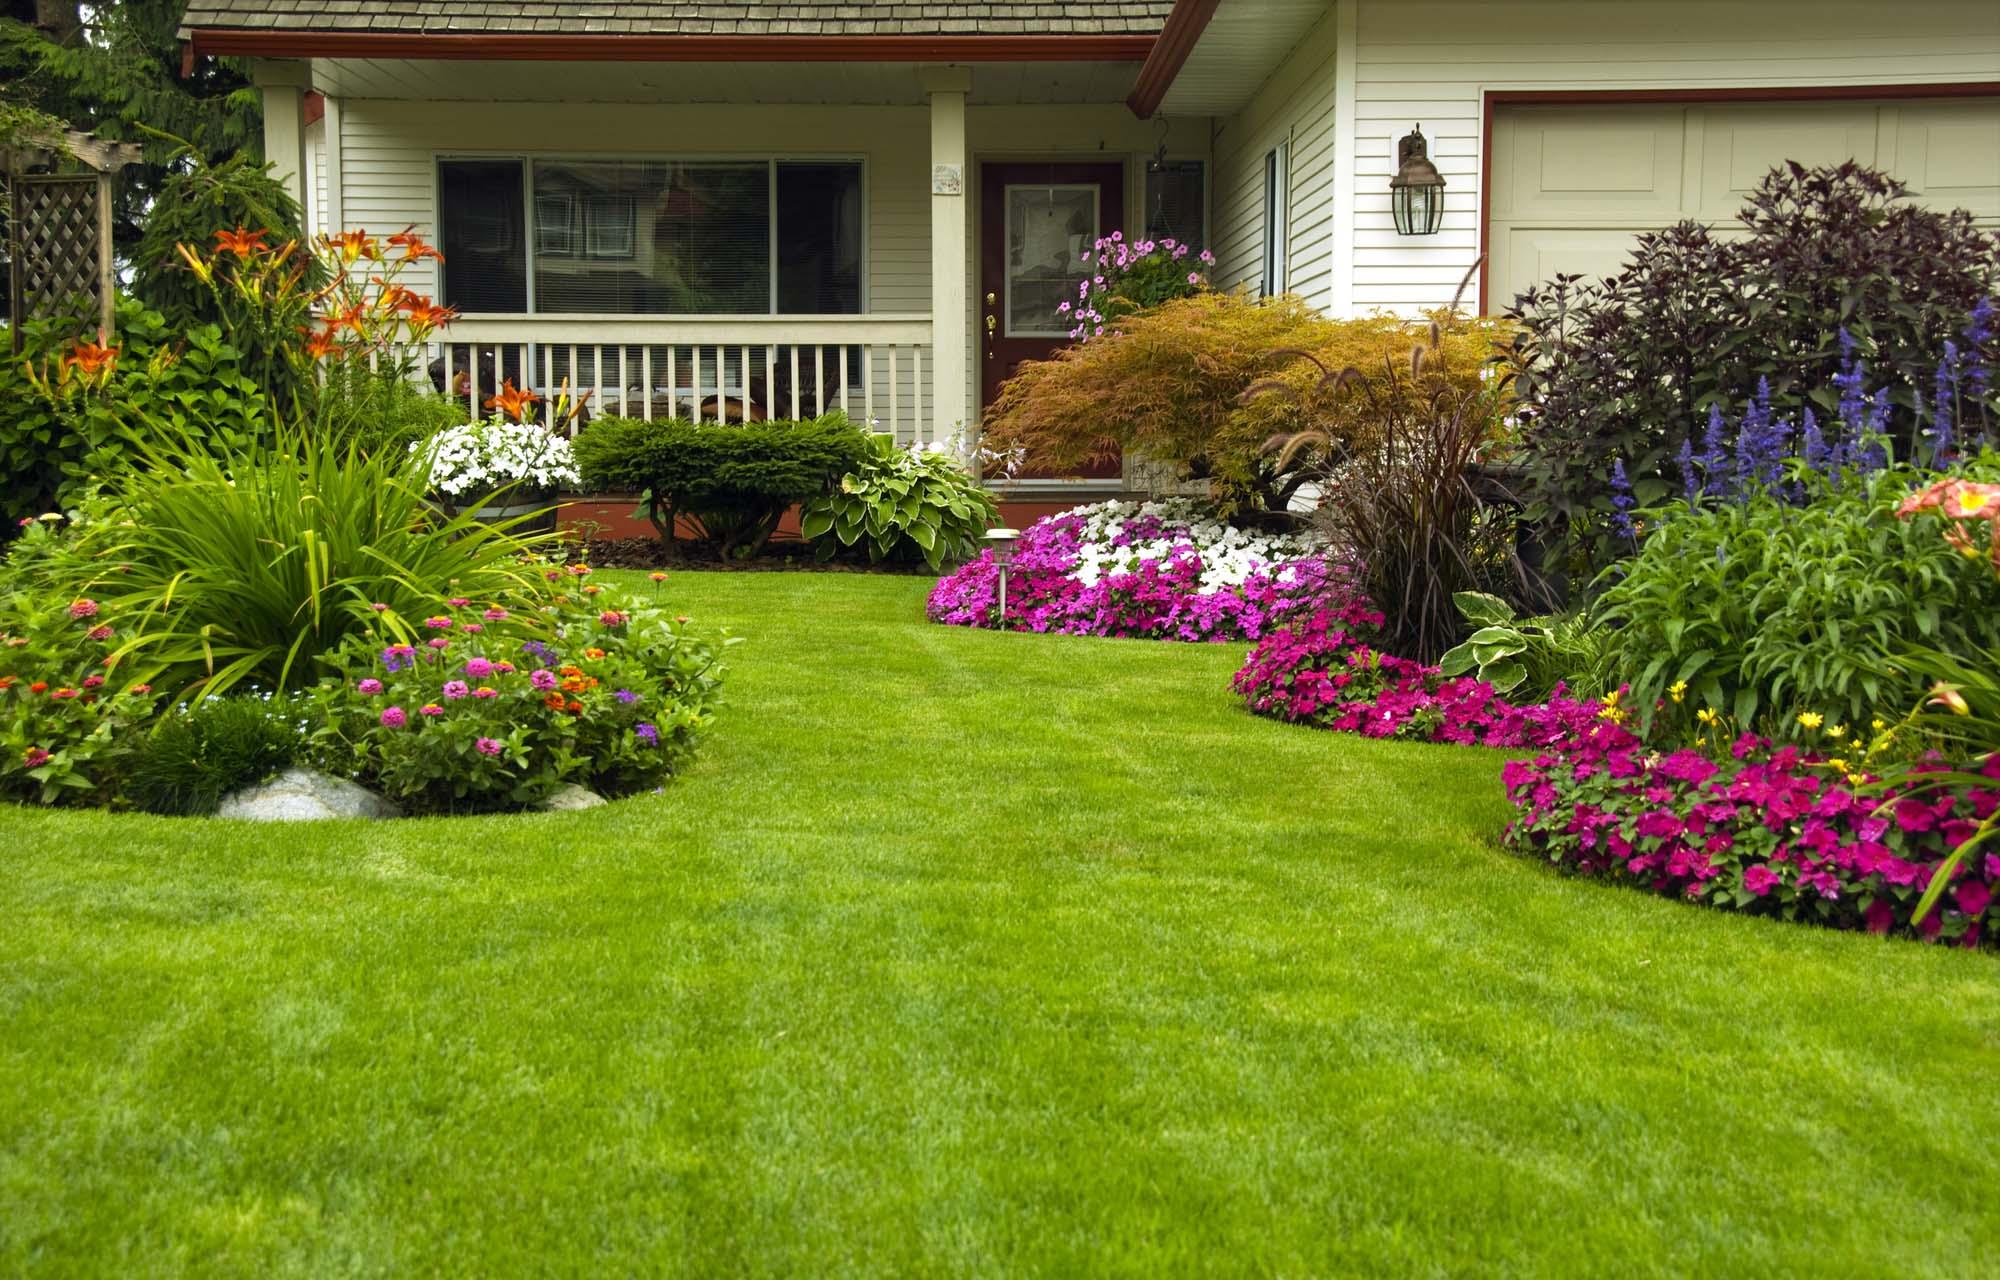 Hovenier den haag voor al uw tuinklussen